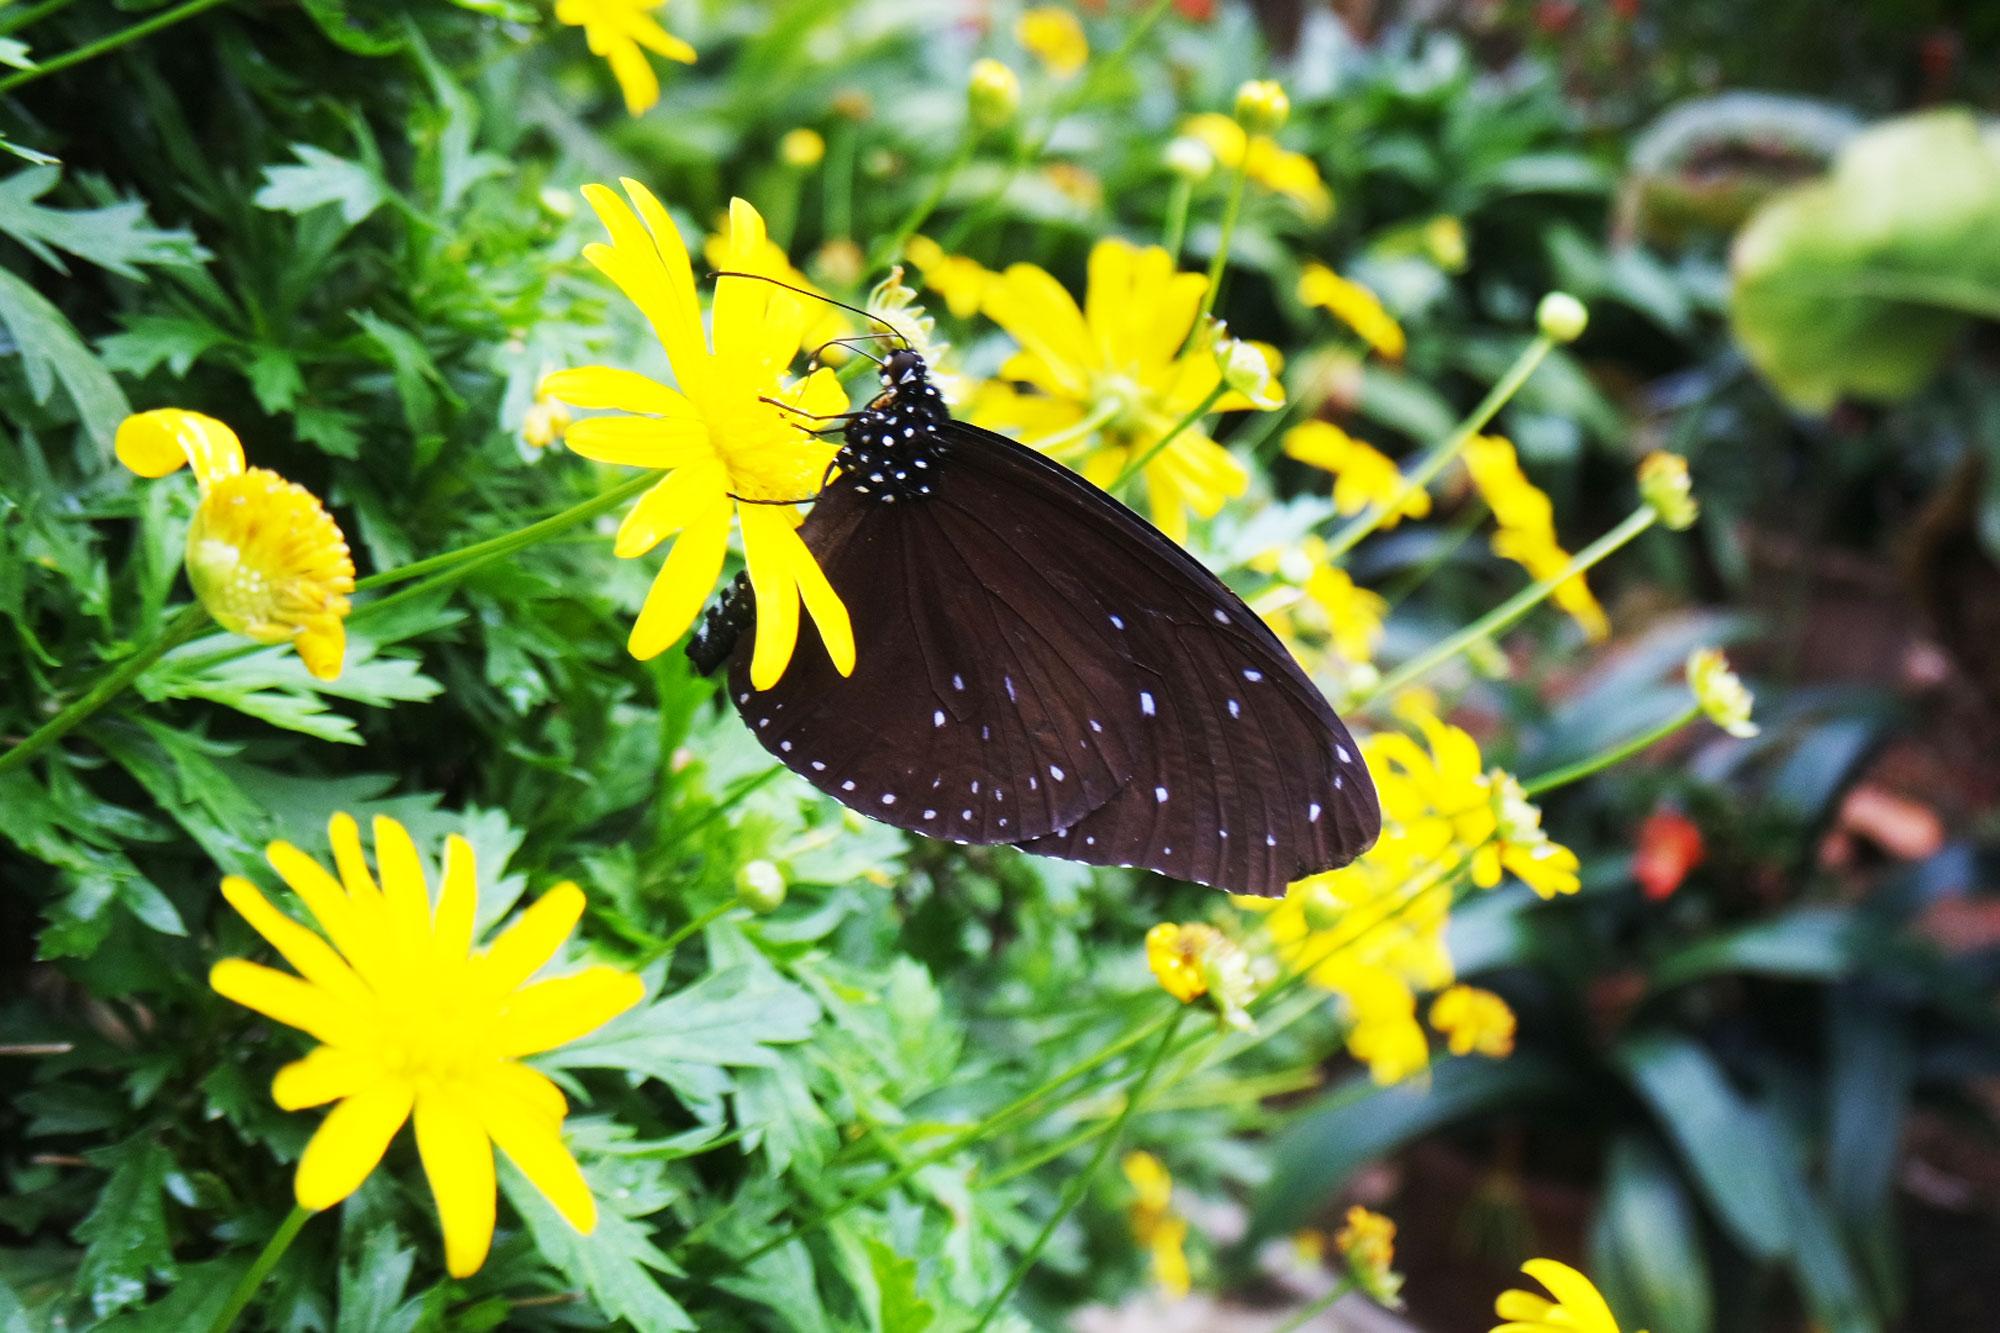 Vlinder in de vlindertuin